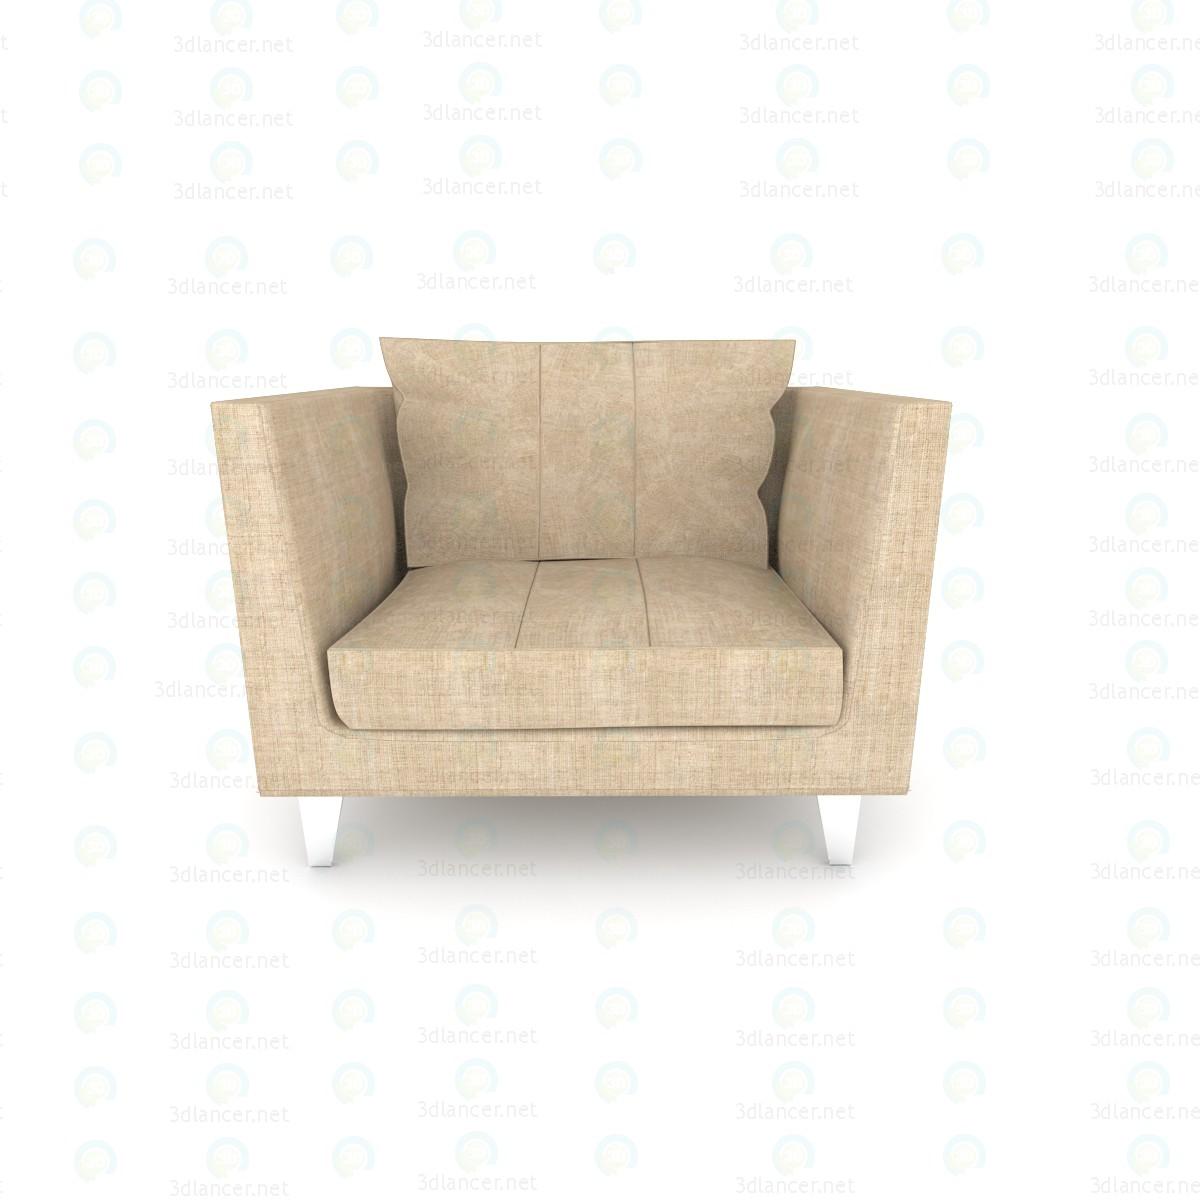 Chaise pour la salle de séjour payés modèle 3d par psyromati extrait